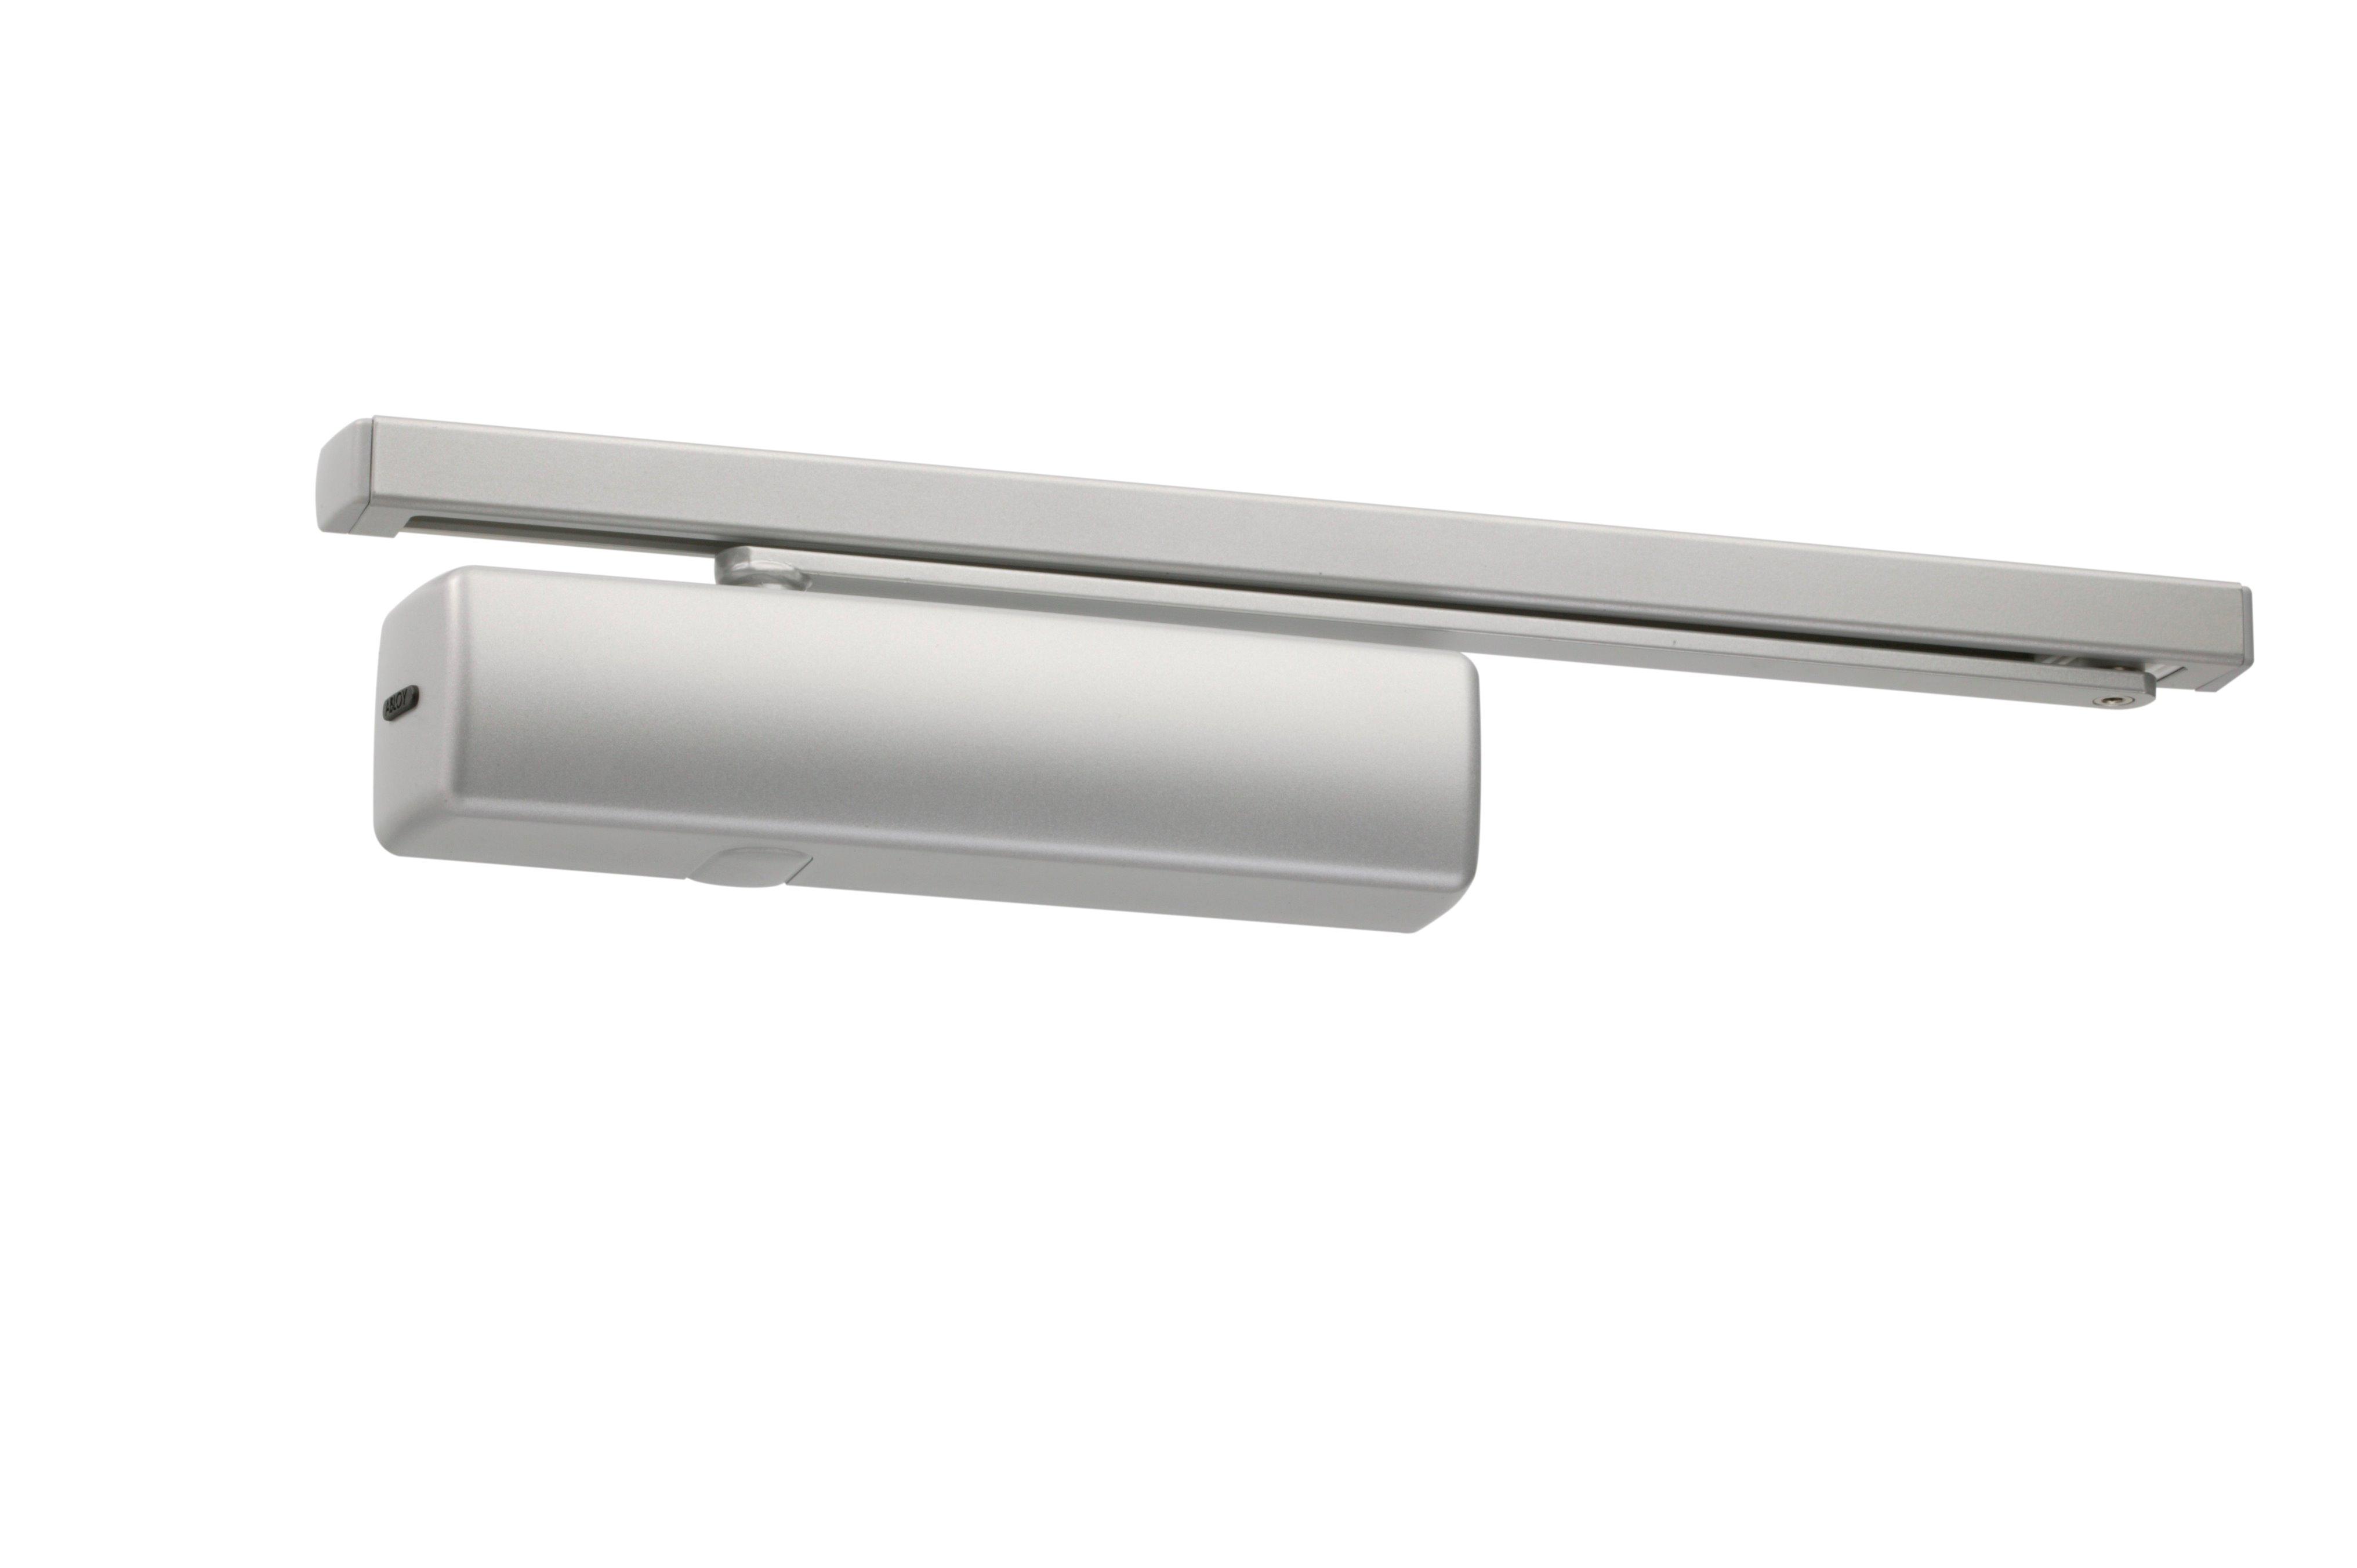 DC330 Silver